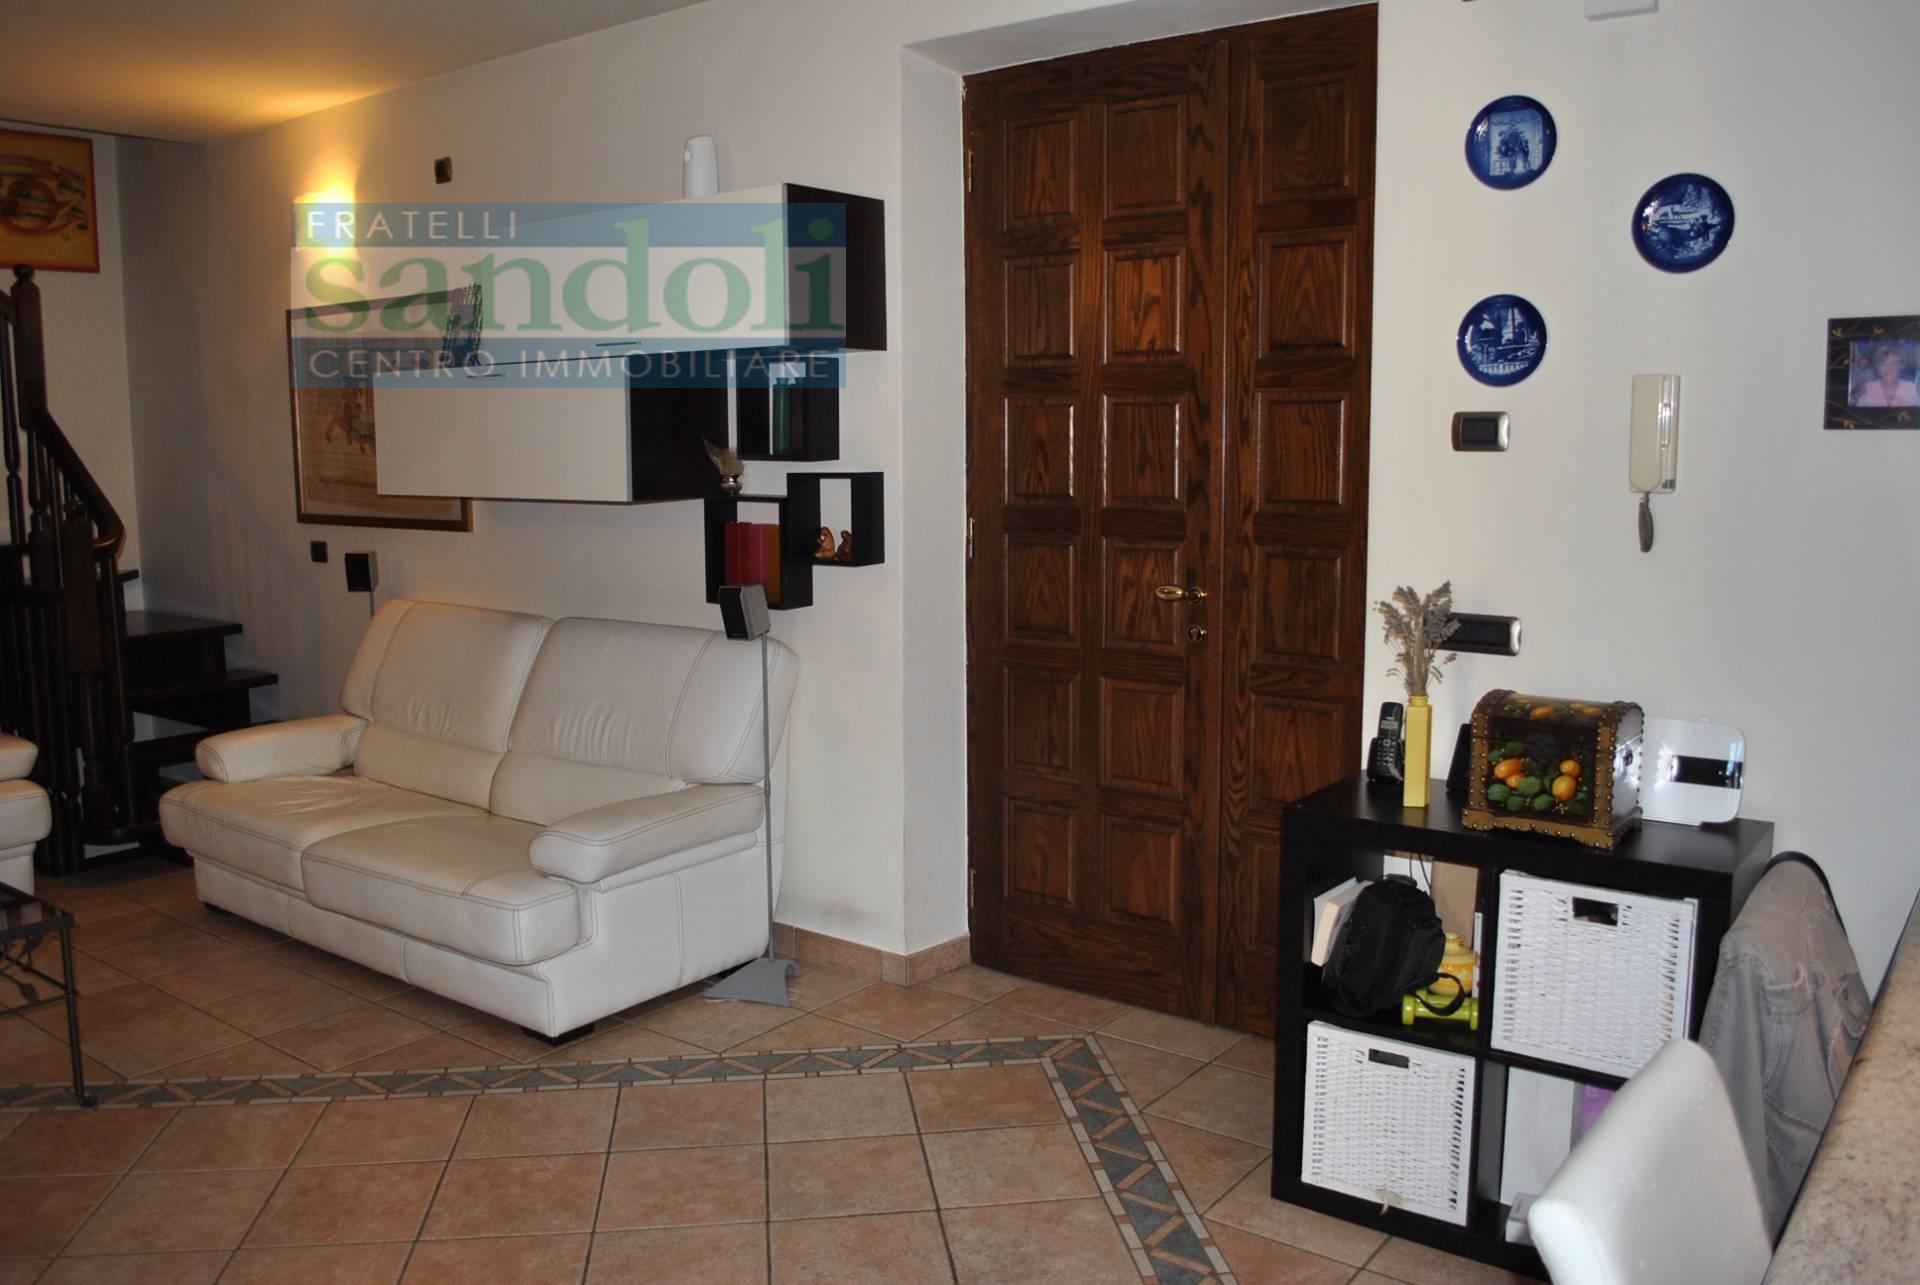 Bilocale Vercelli Via W. Manzone 8